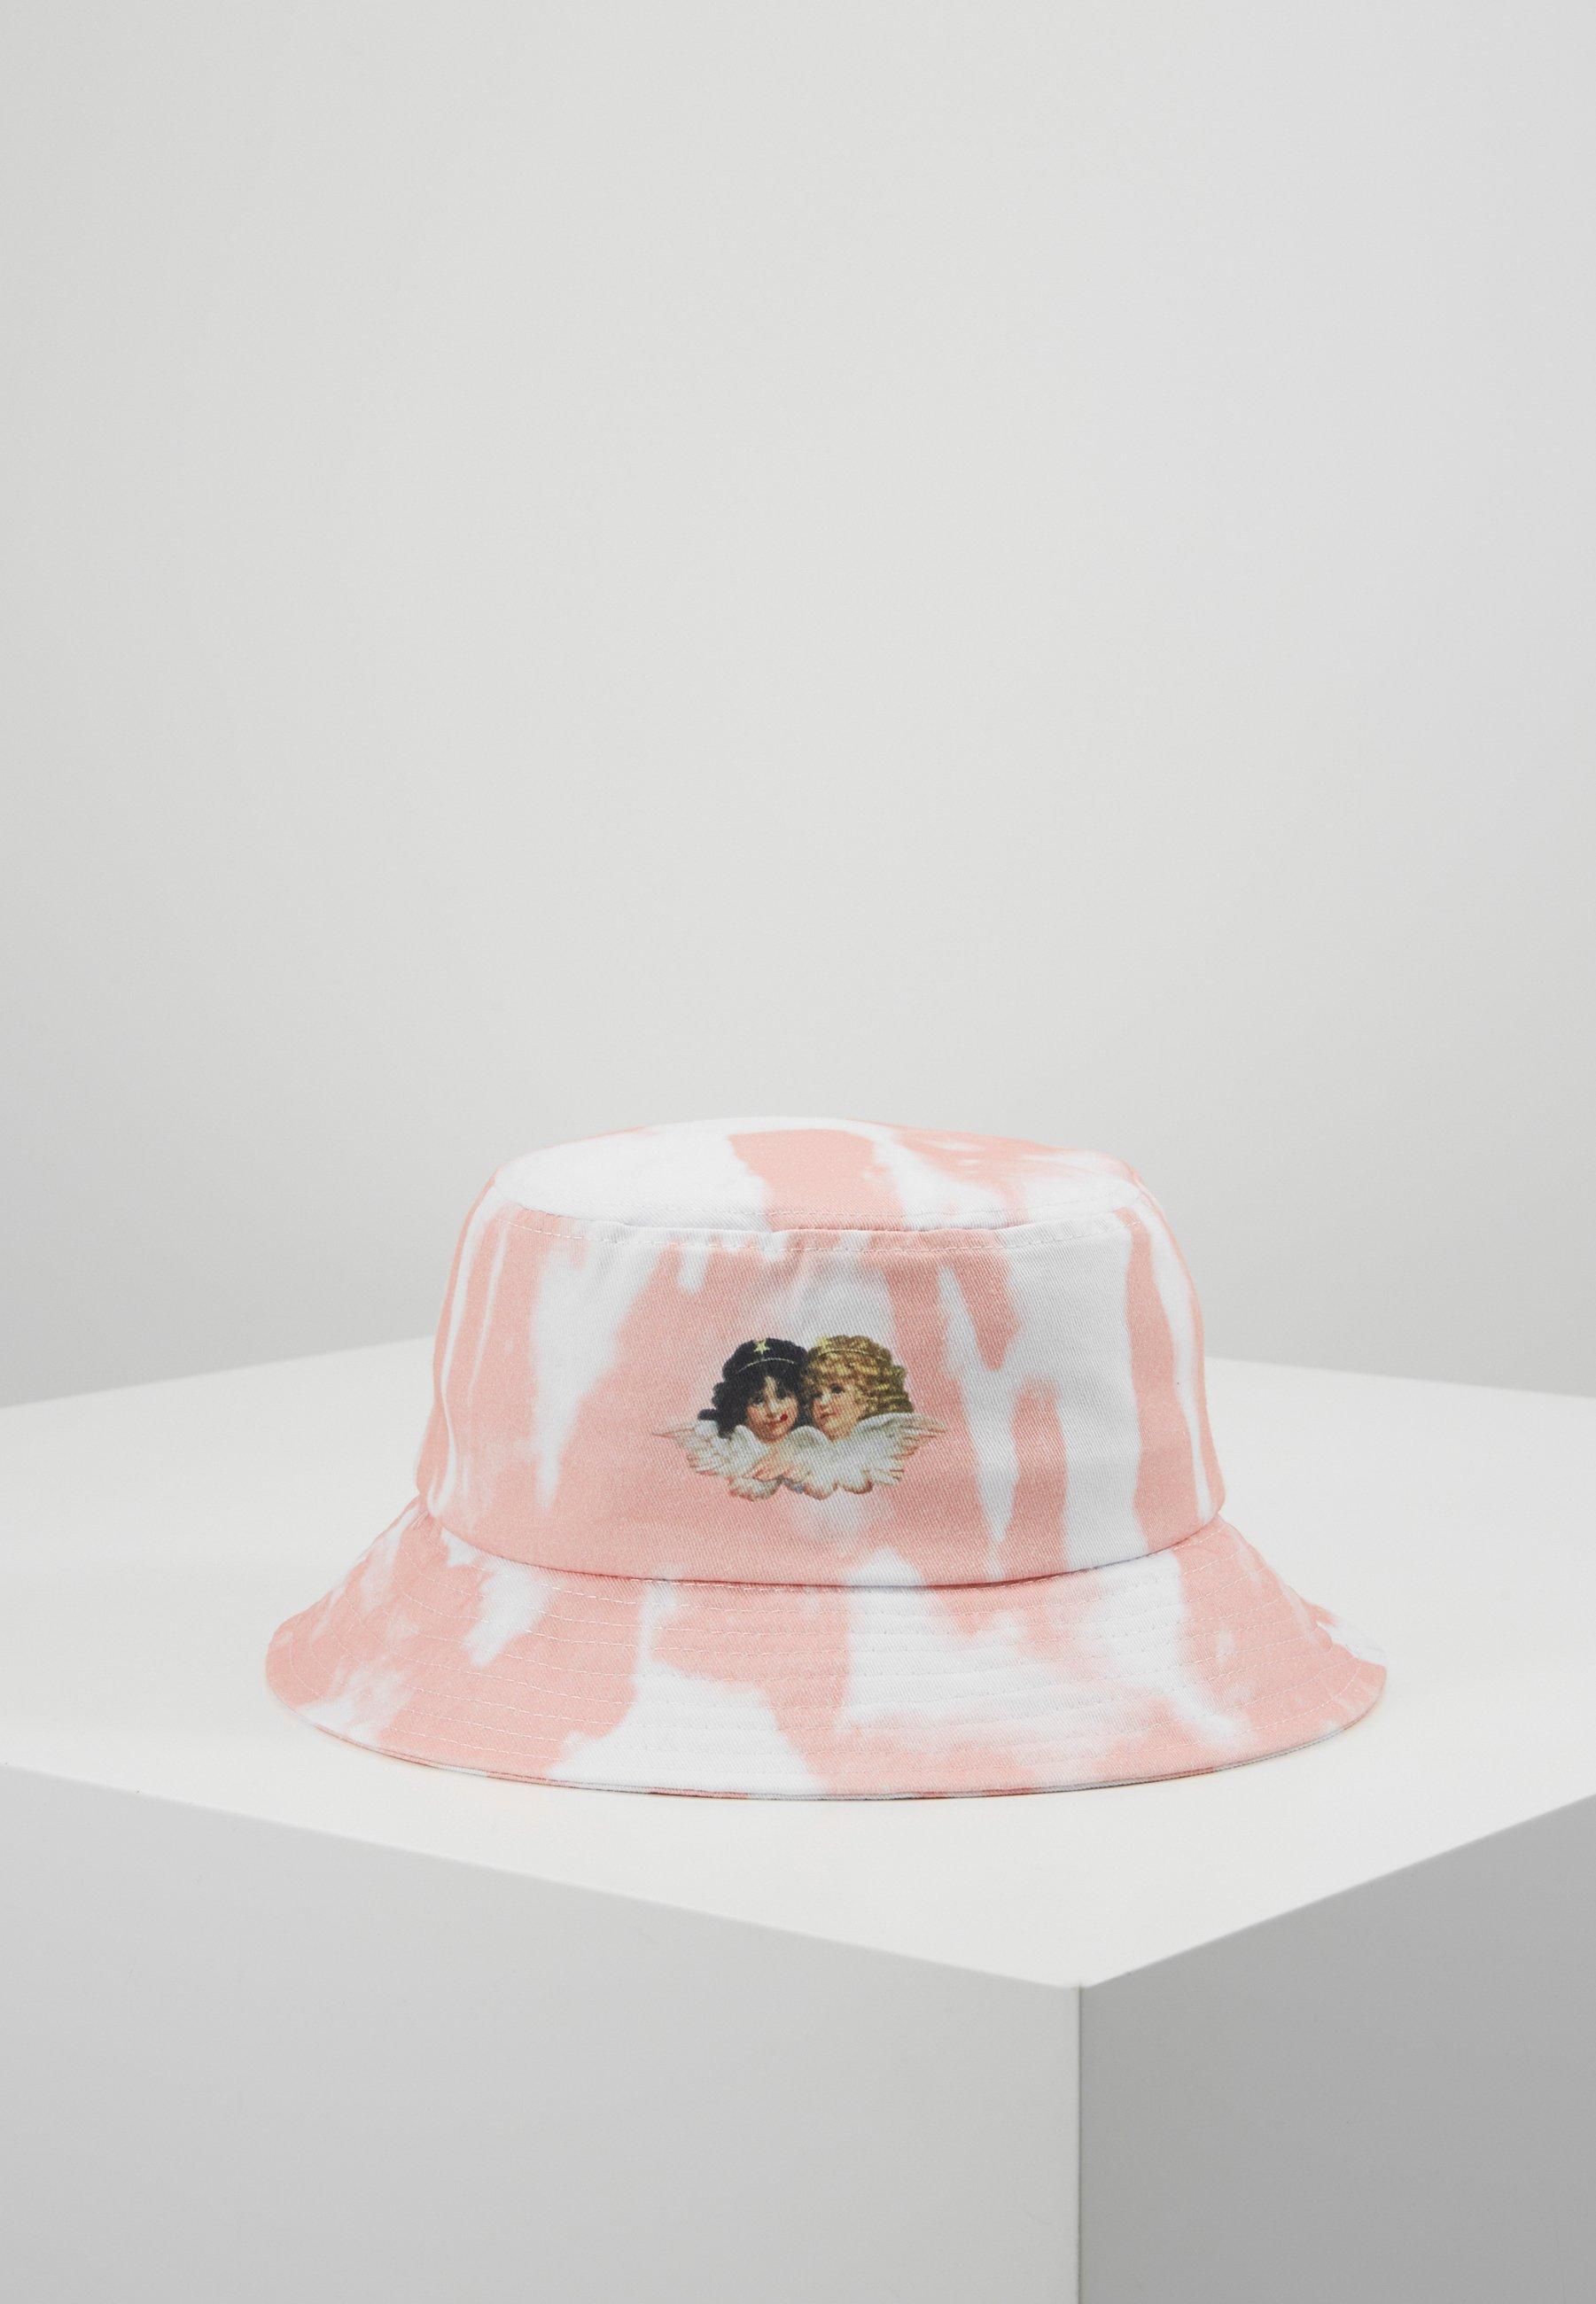 Fiorucci Tie Dye Bucket Hat Hat Pink Light Pink Zalando Co Uk